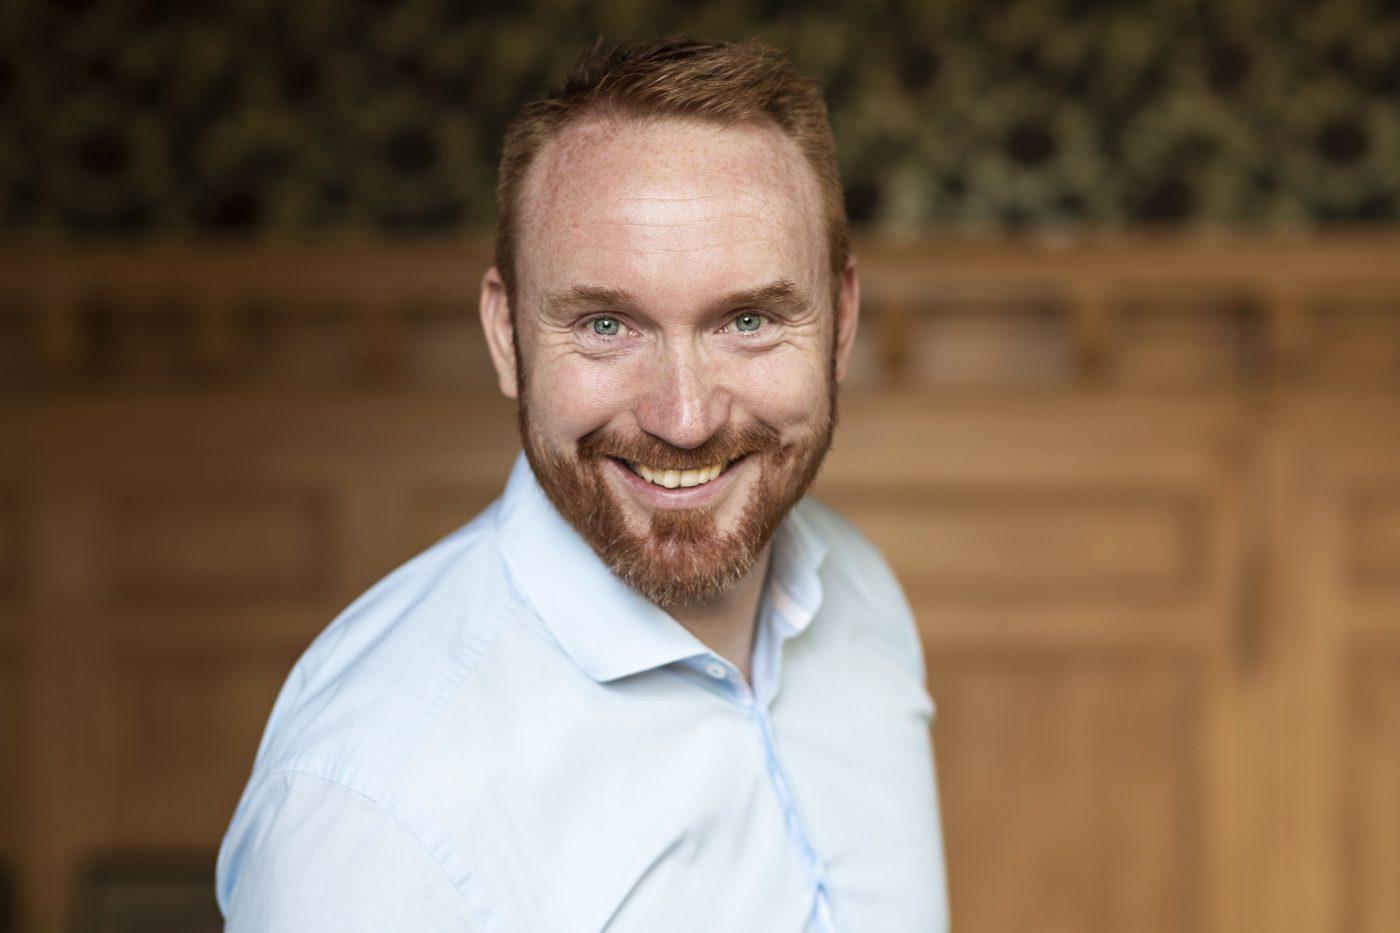 David Phillips bjuder på tre enkla life hacks för att få mer gjort med mindre ansträngning.